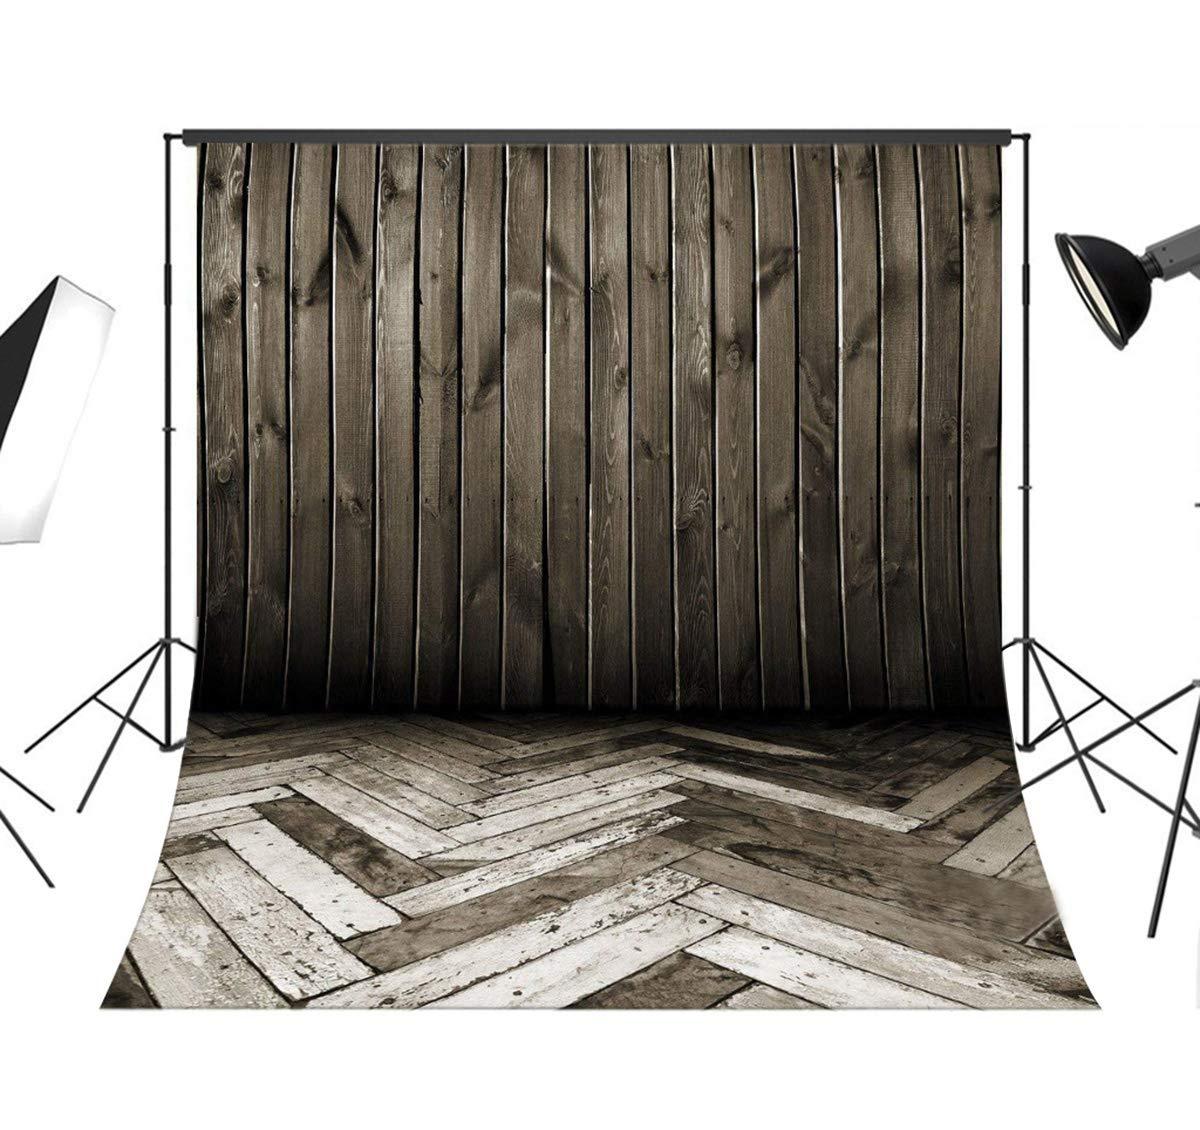 LB 背景写真  ビニール製カスタマイズパーティーバナー スタジオ写真背景柱壁装飾 QD20  カラー21 B00D3H4IAU